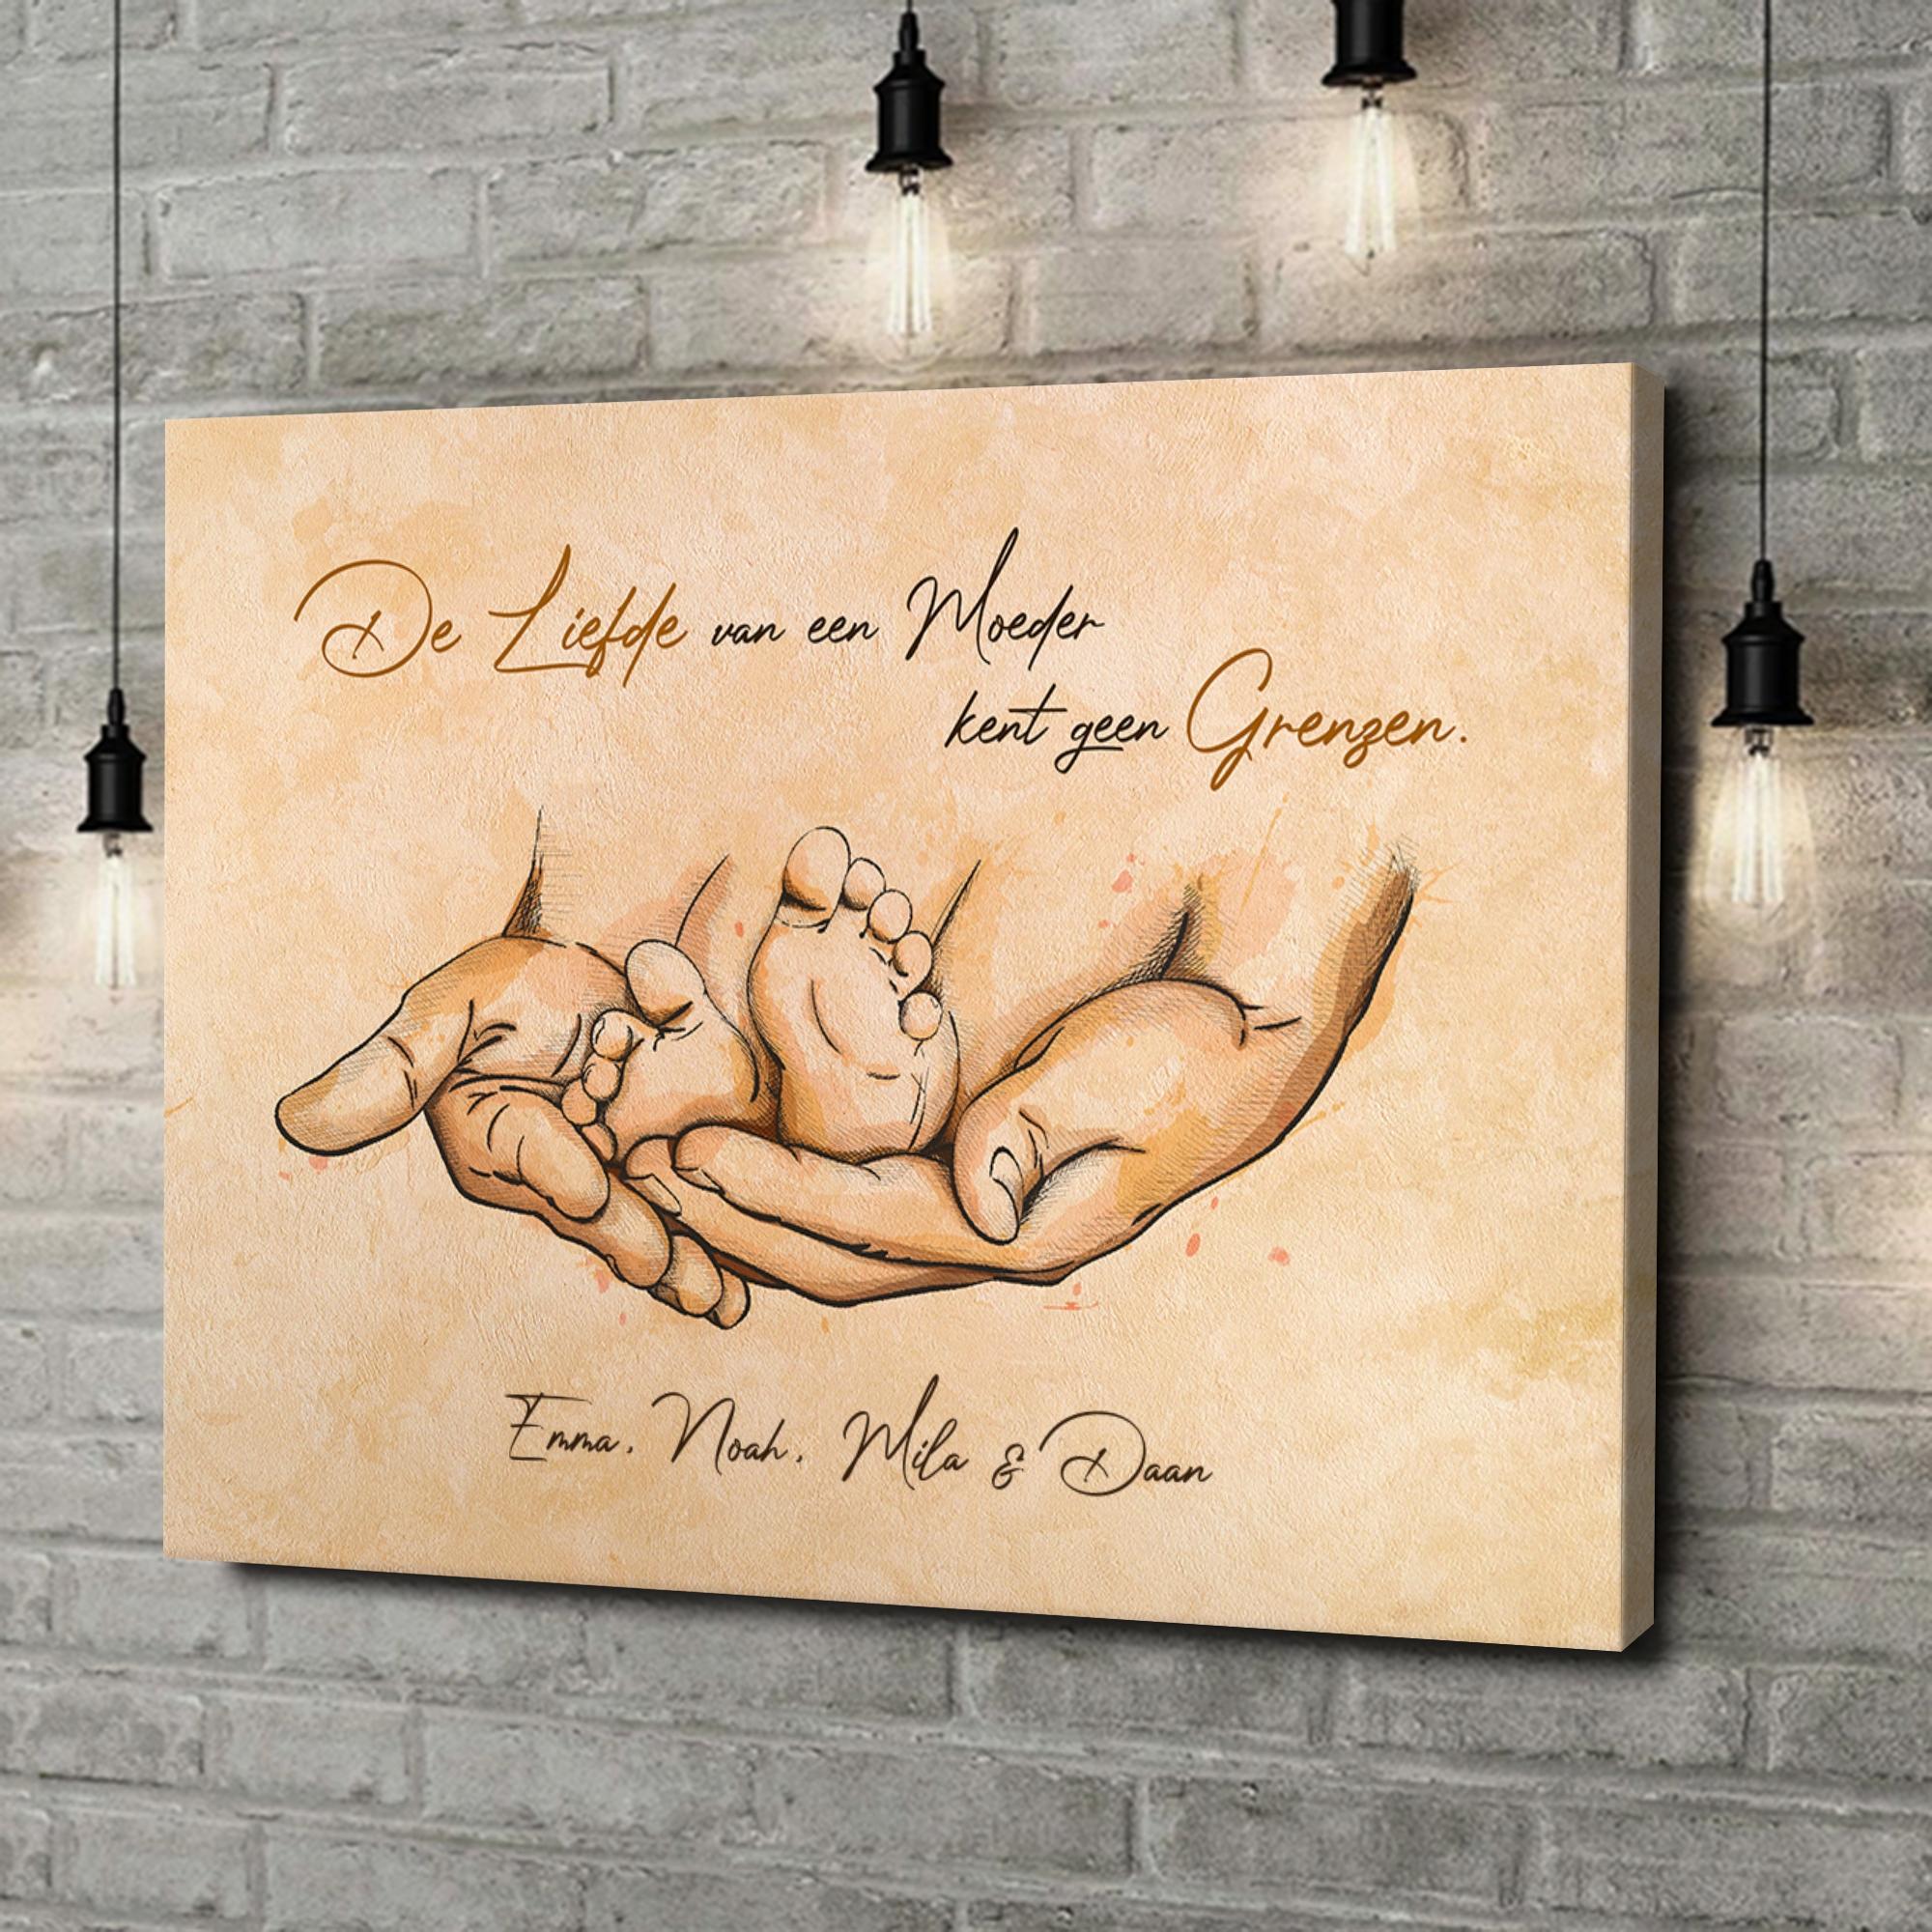 Gepersonaliseerde canvas print Beschermende liefde